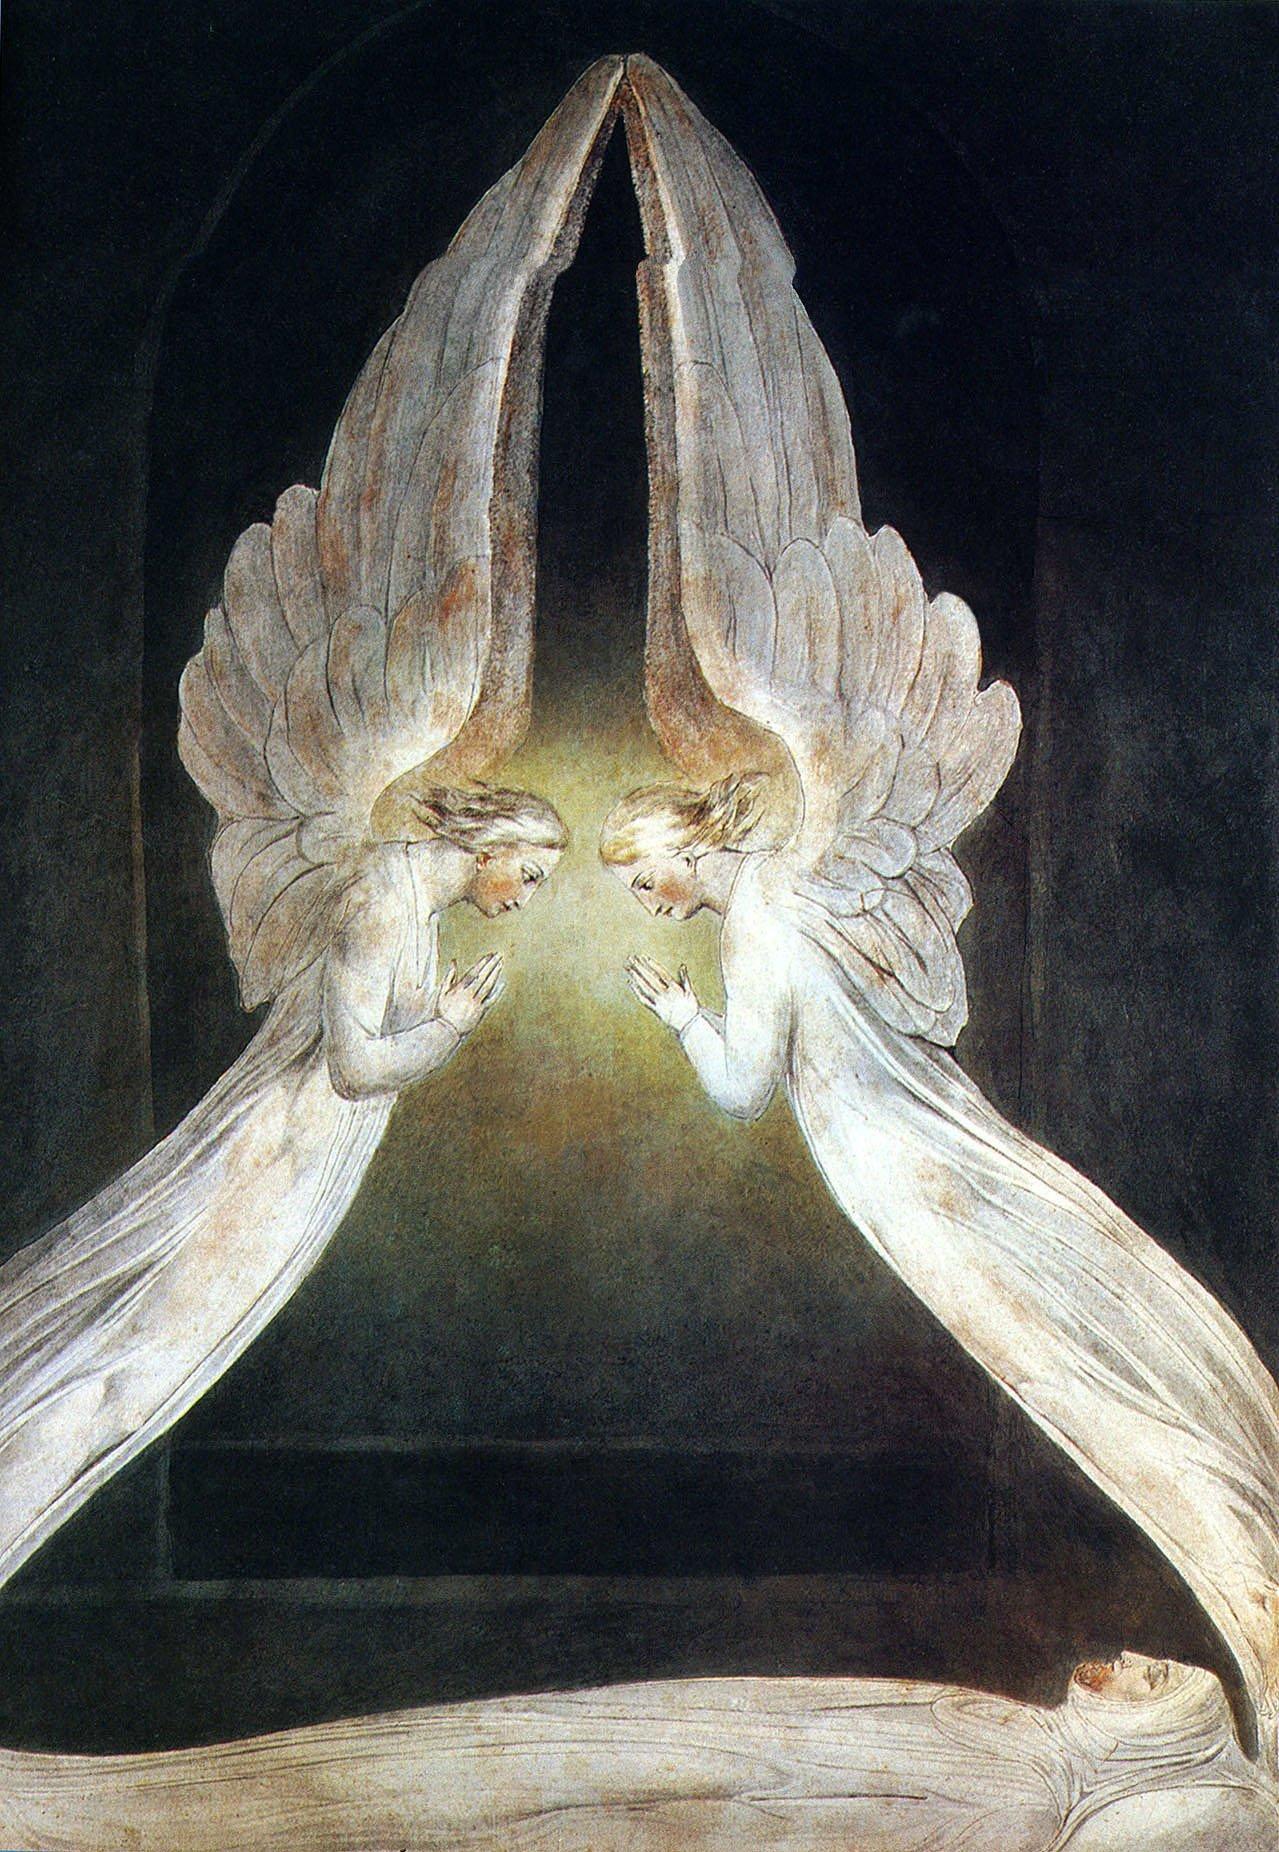 christ_in_the_sepulcher_angels_william_blake.jpg